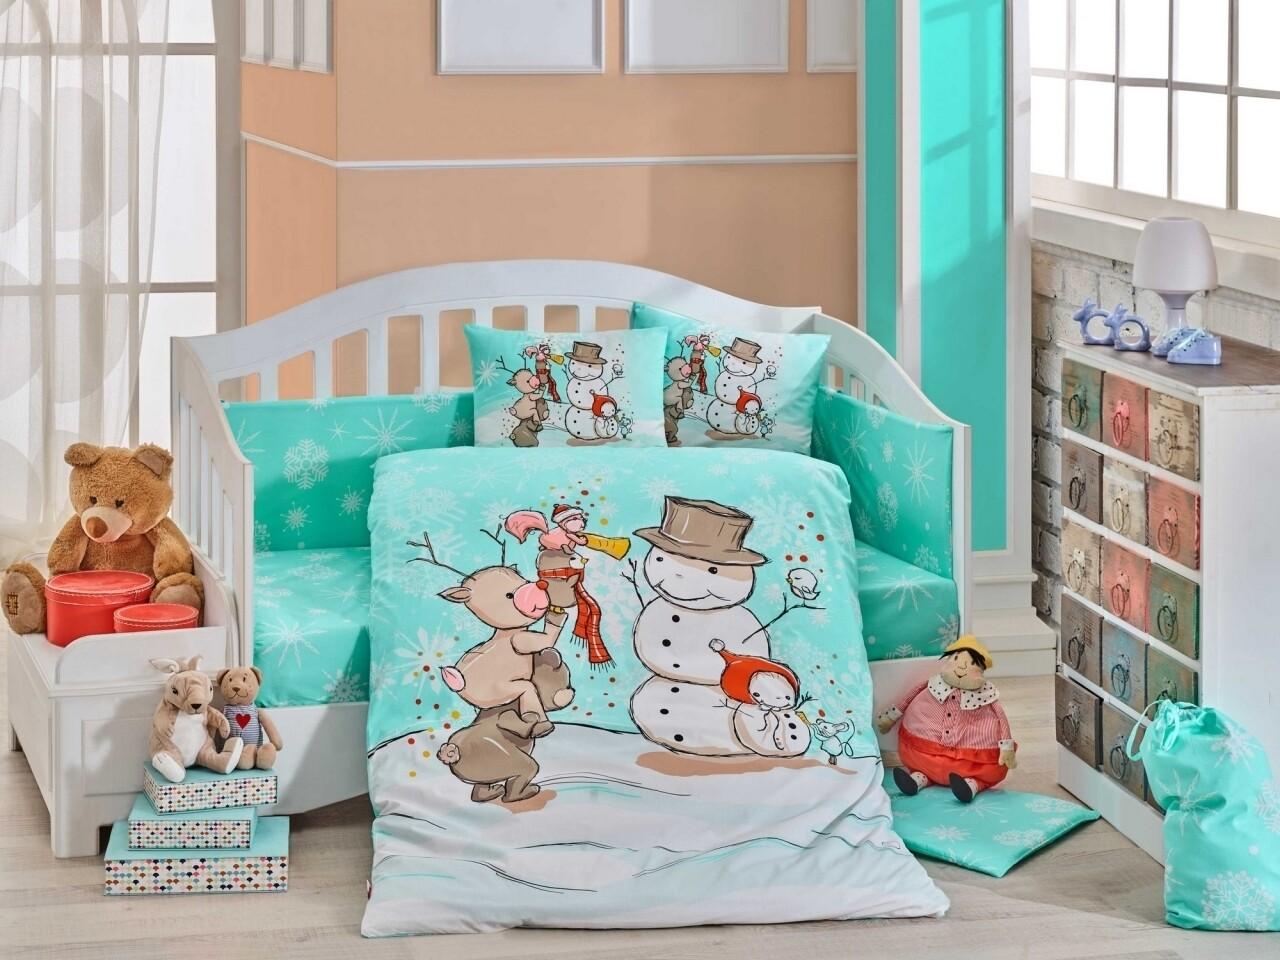 Lenjerie de pat pentru copii, 4 piese, 100% bumbac poplin, Hobby, Snowball, multicolor